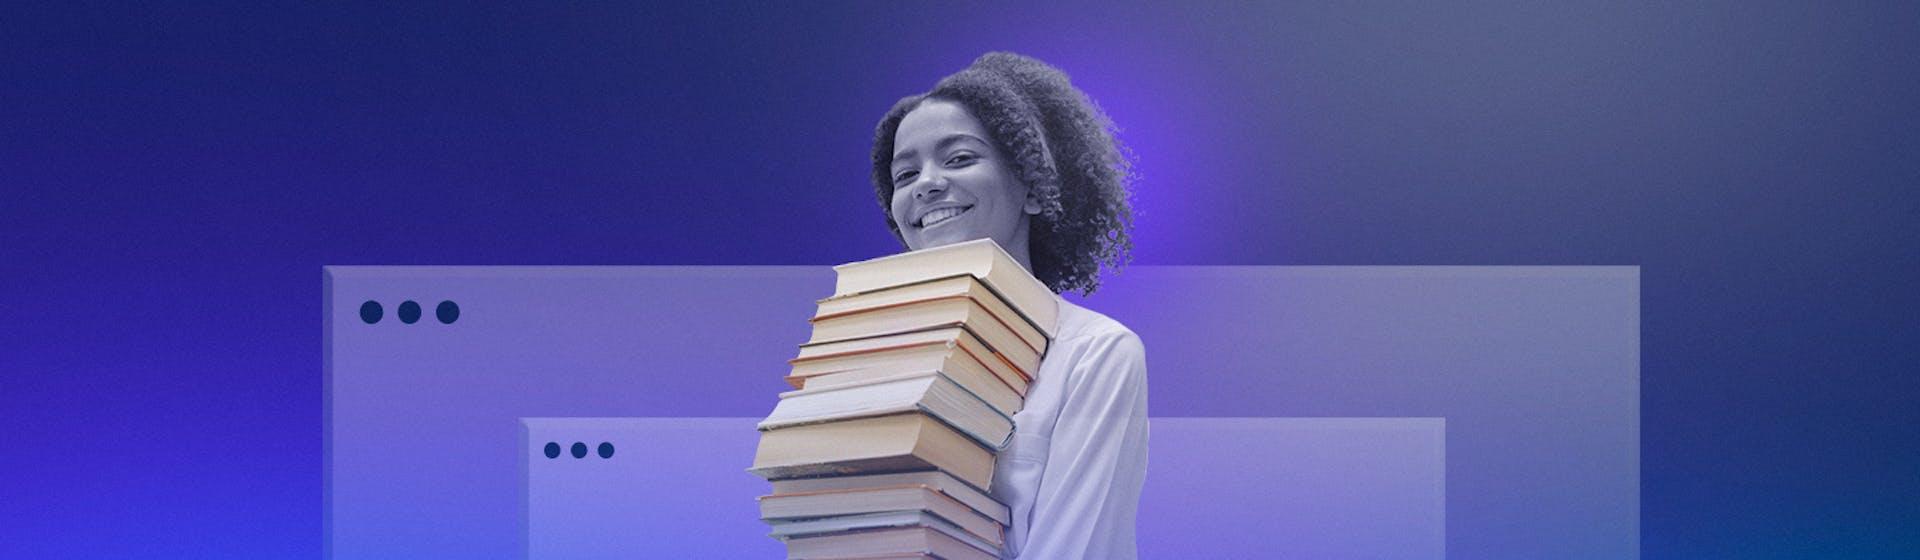 ¿Qué es una biblioteca virtual? Acceder al conocimiento nunca fue tan fácil